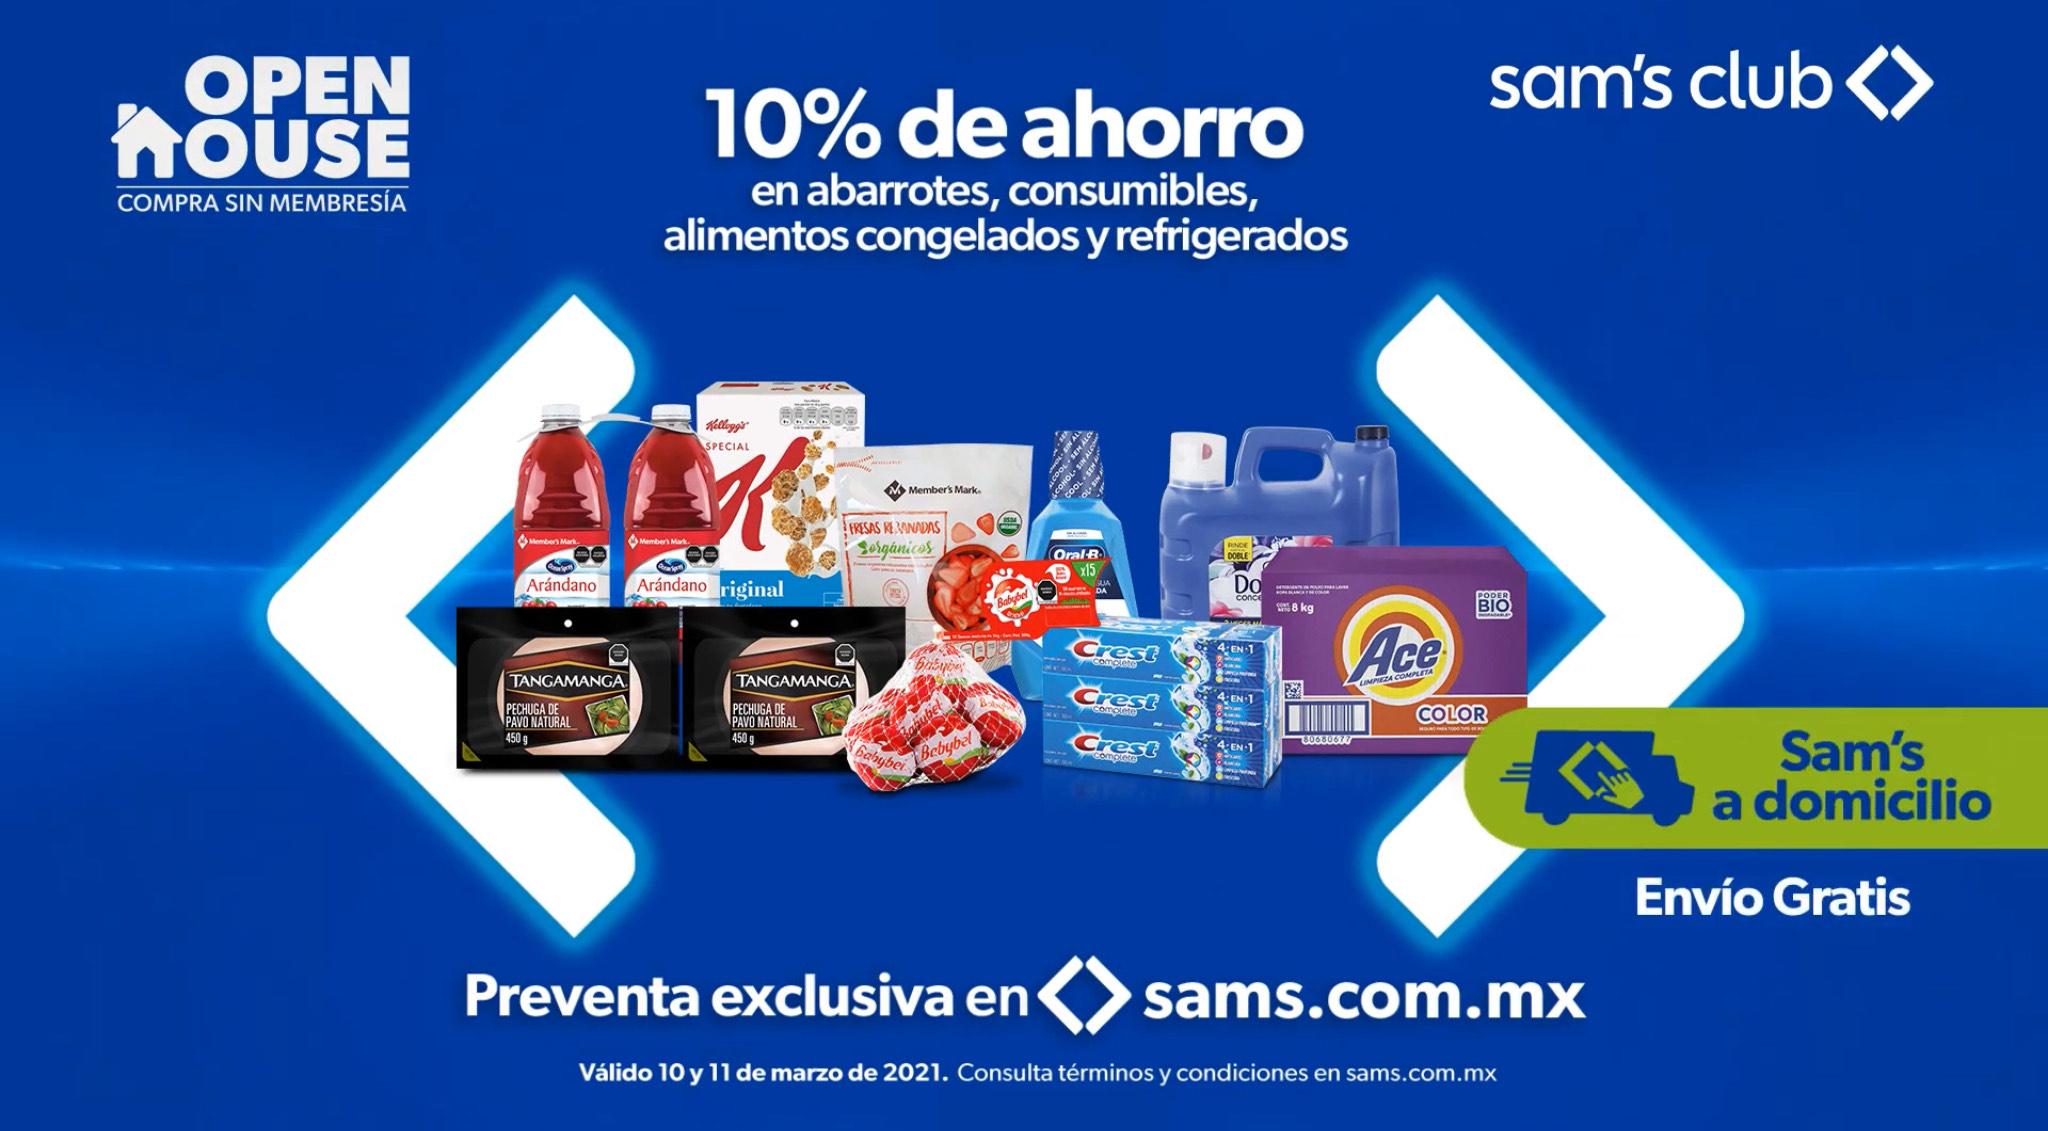 Sam's Club: 10% de Descuento adicional en Abarrotes, Consumibles, Alimentos Congelados y Refrigerados